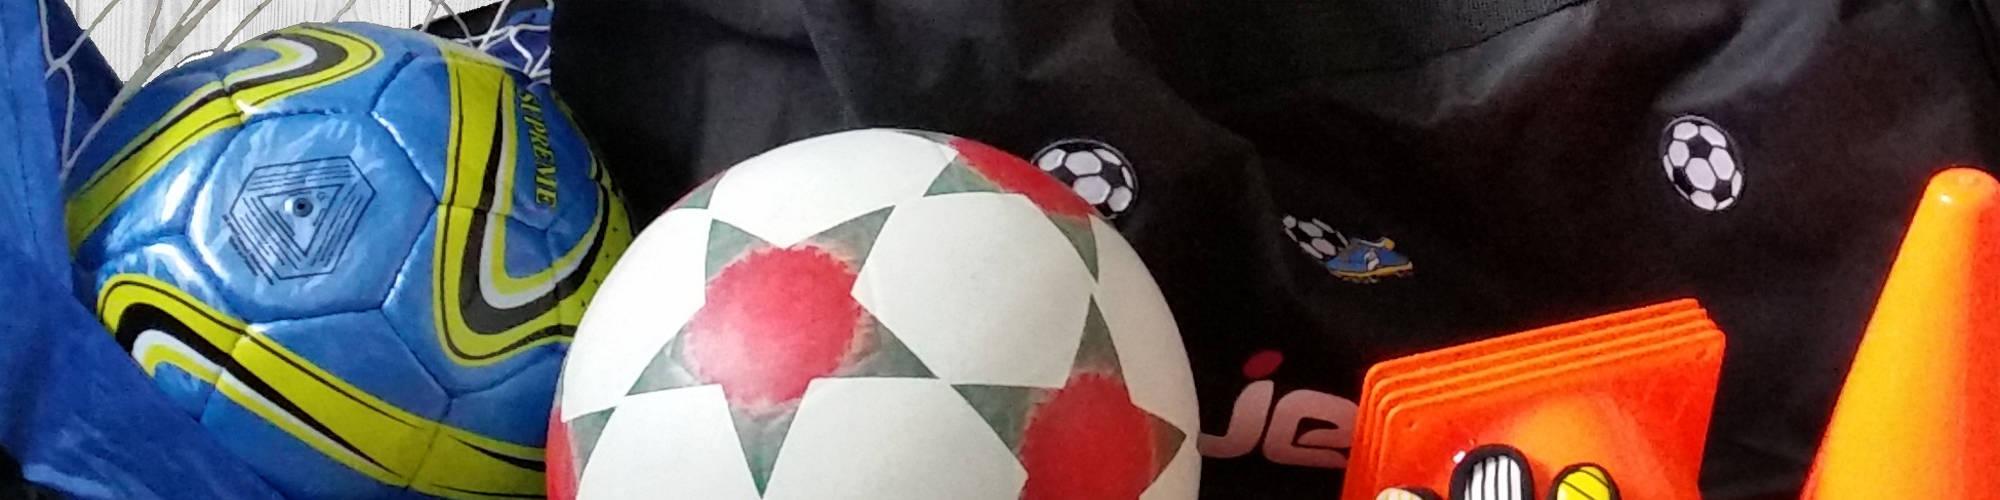 Afbeelding van de themakist voetbal